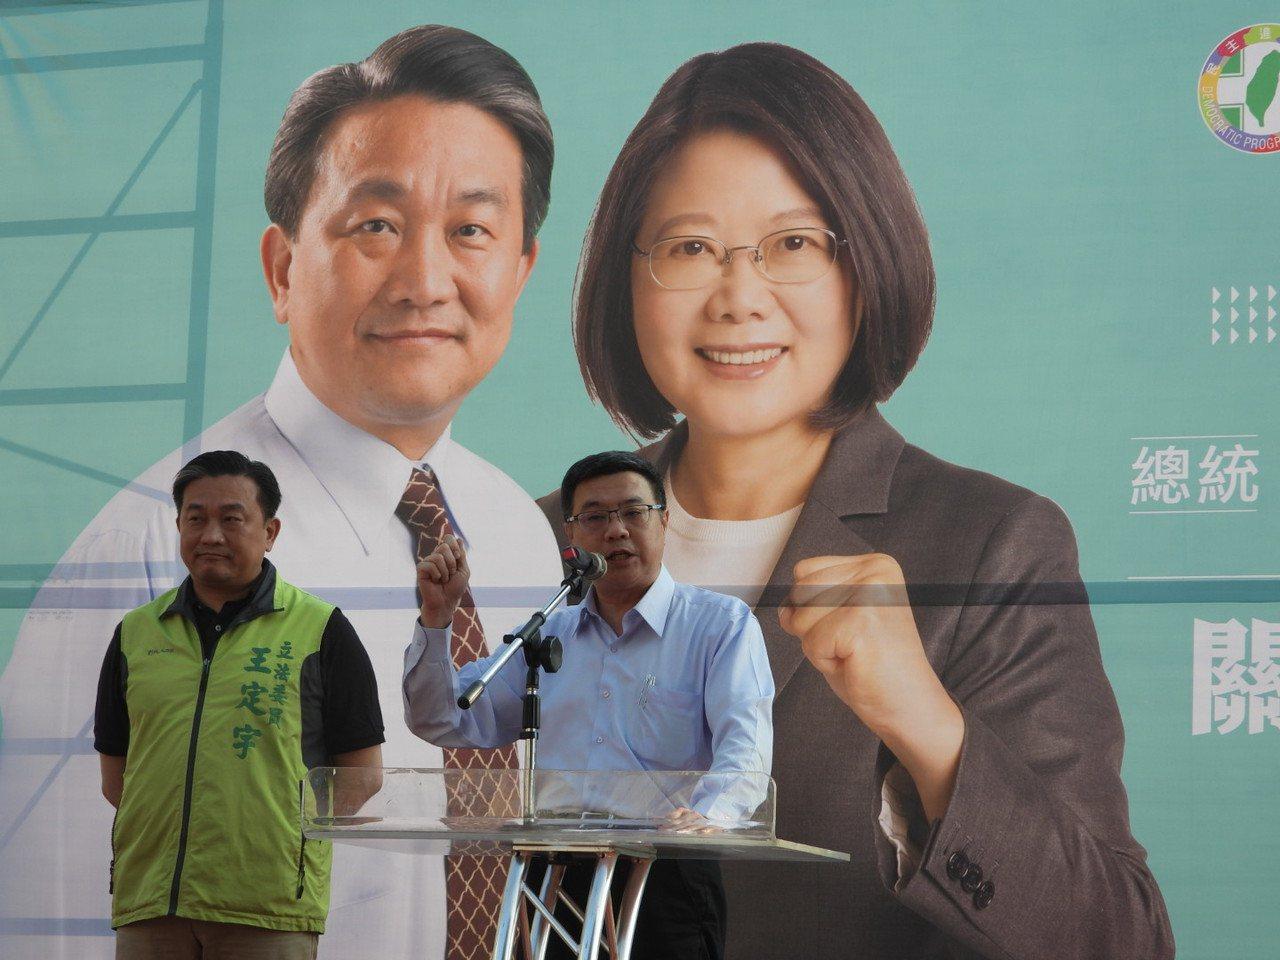 卓榮泰(右)呼籲鄉親挺蔡英文、王定宇「雙殺」韓國瑜、洪秀柱。記者周宗禎/攝影